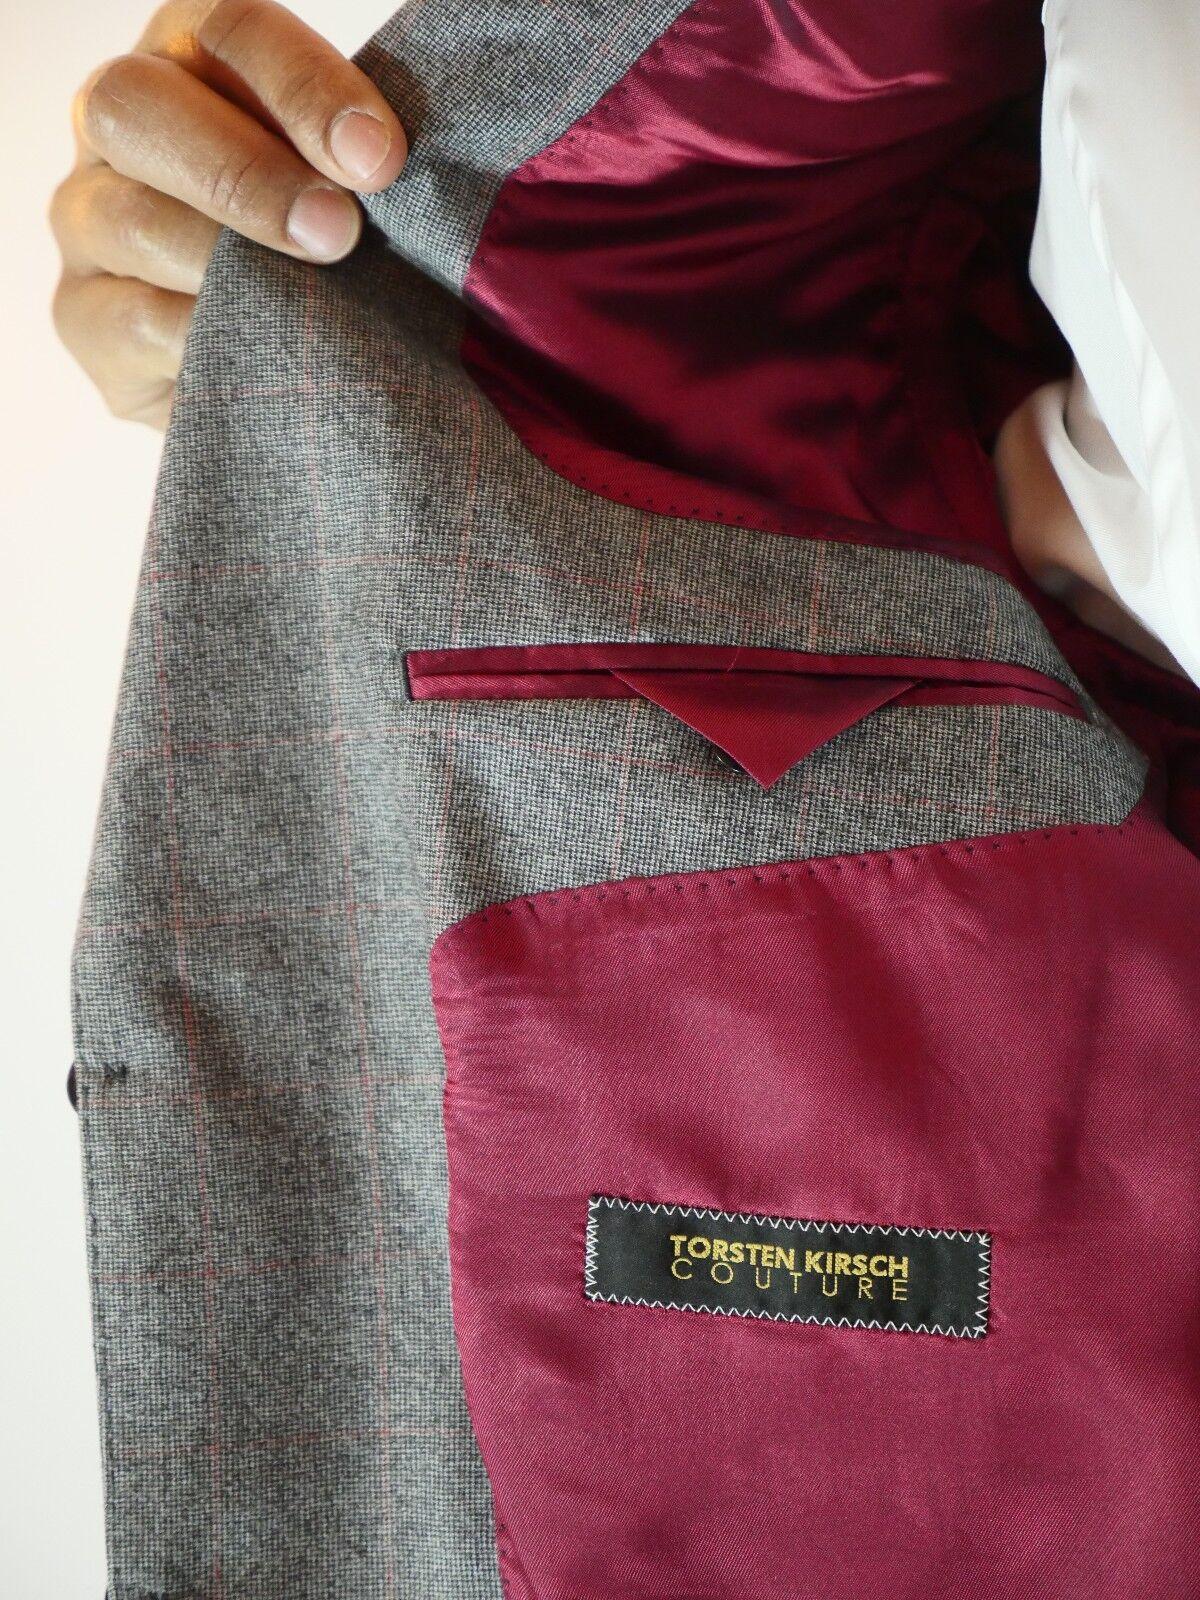 8d55018d6 ... Schurwolle Anzug Woven in Napoli 100% Schurwolle Größe 48 48 48 1c0b68